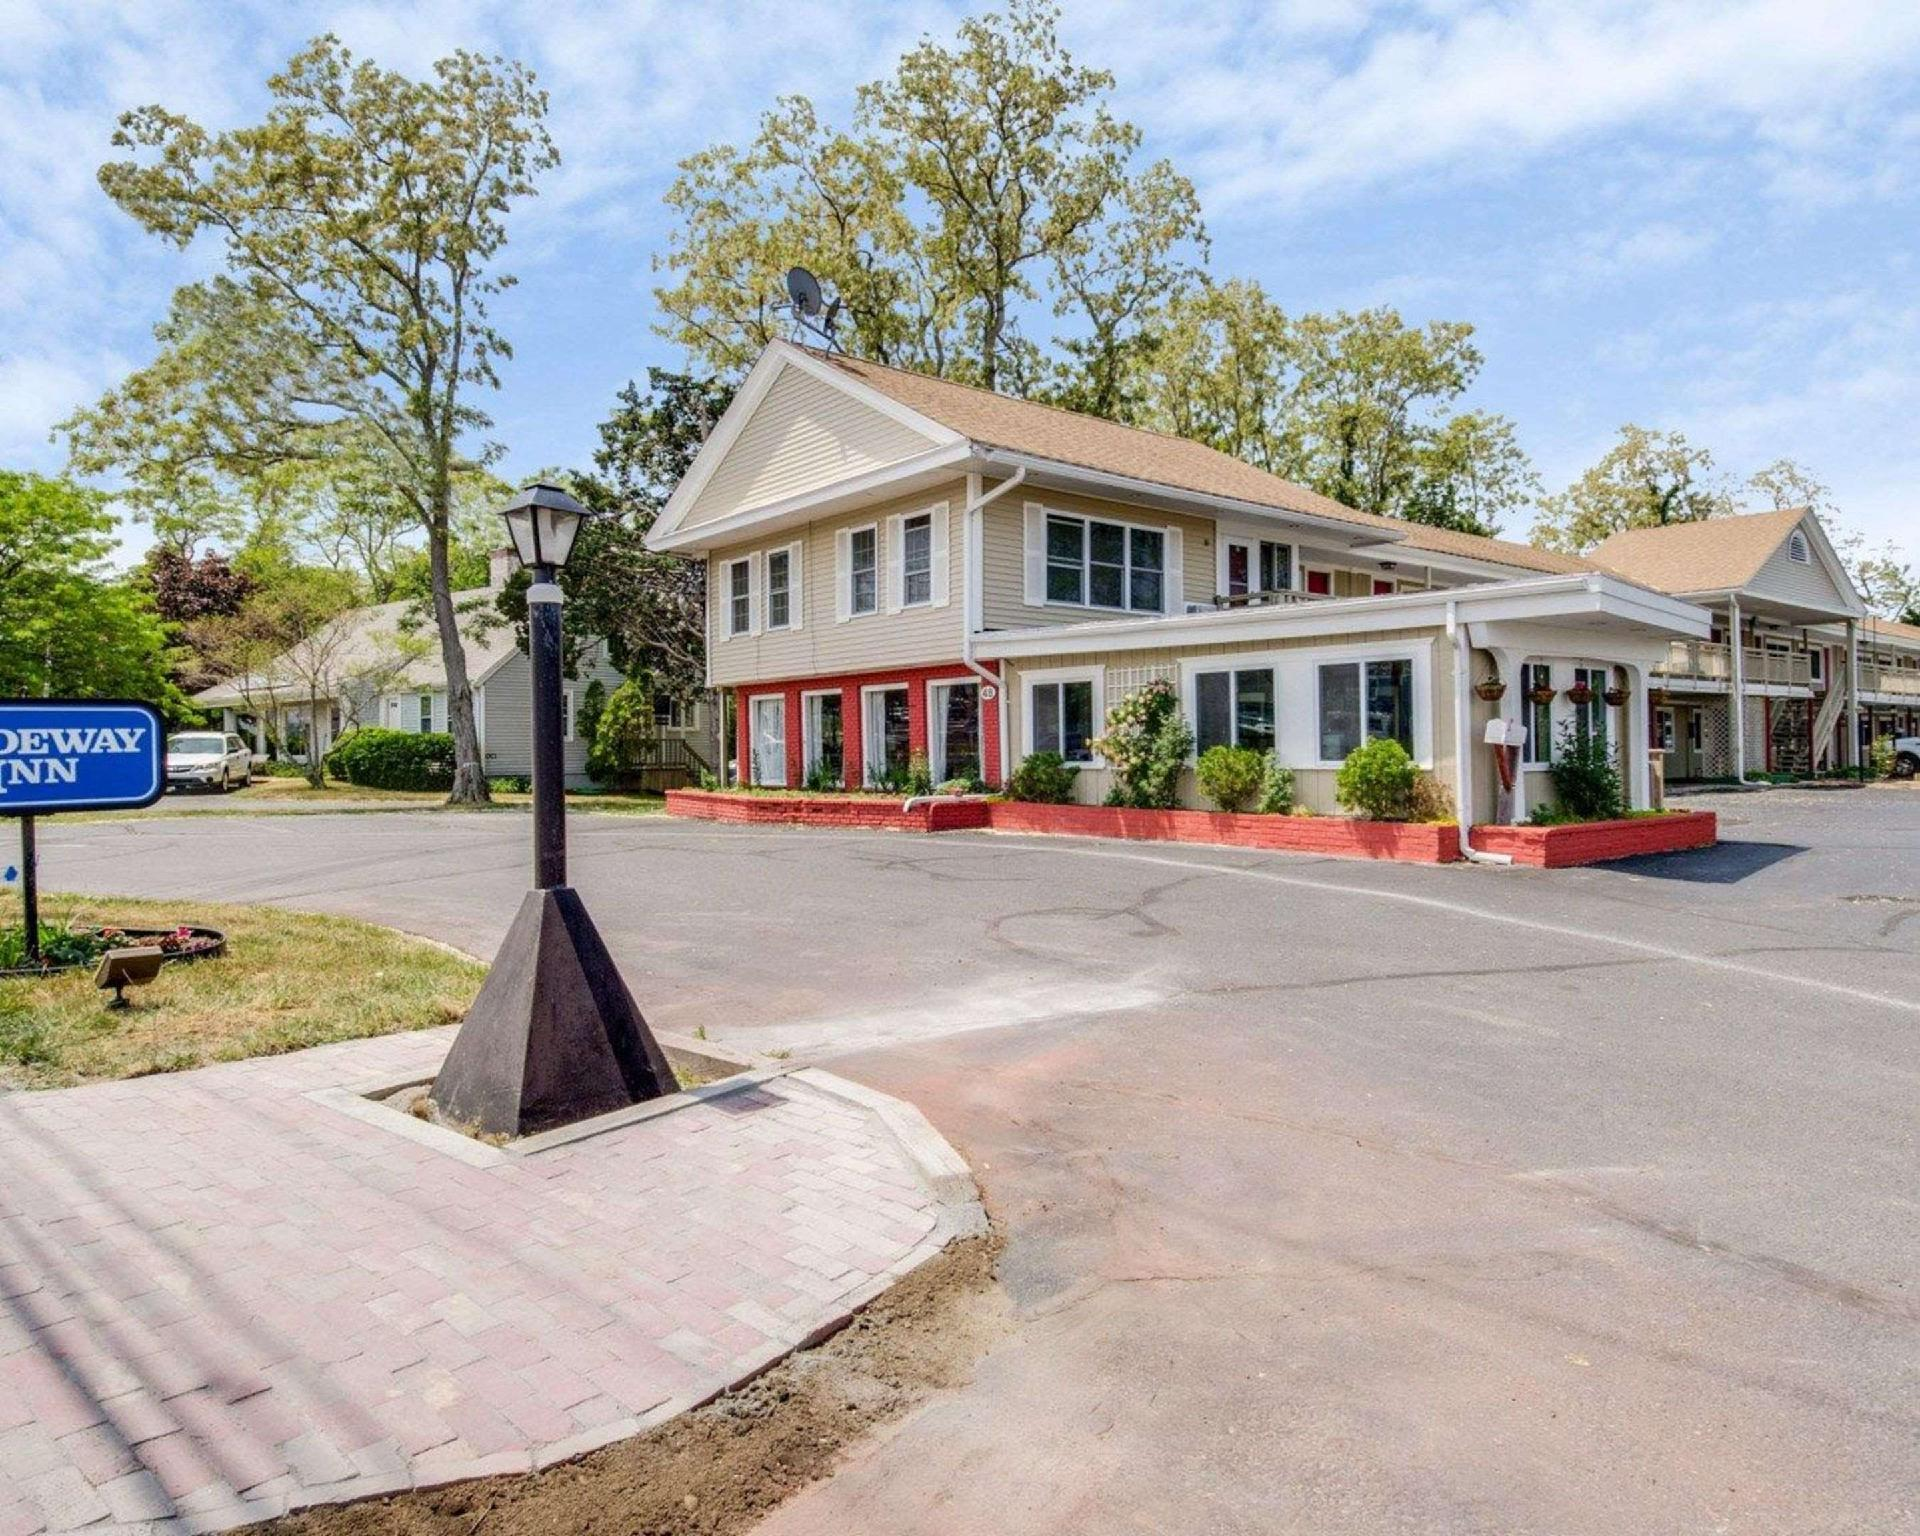 Rodeway Inn Orleans   Cape Cod